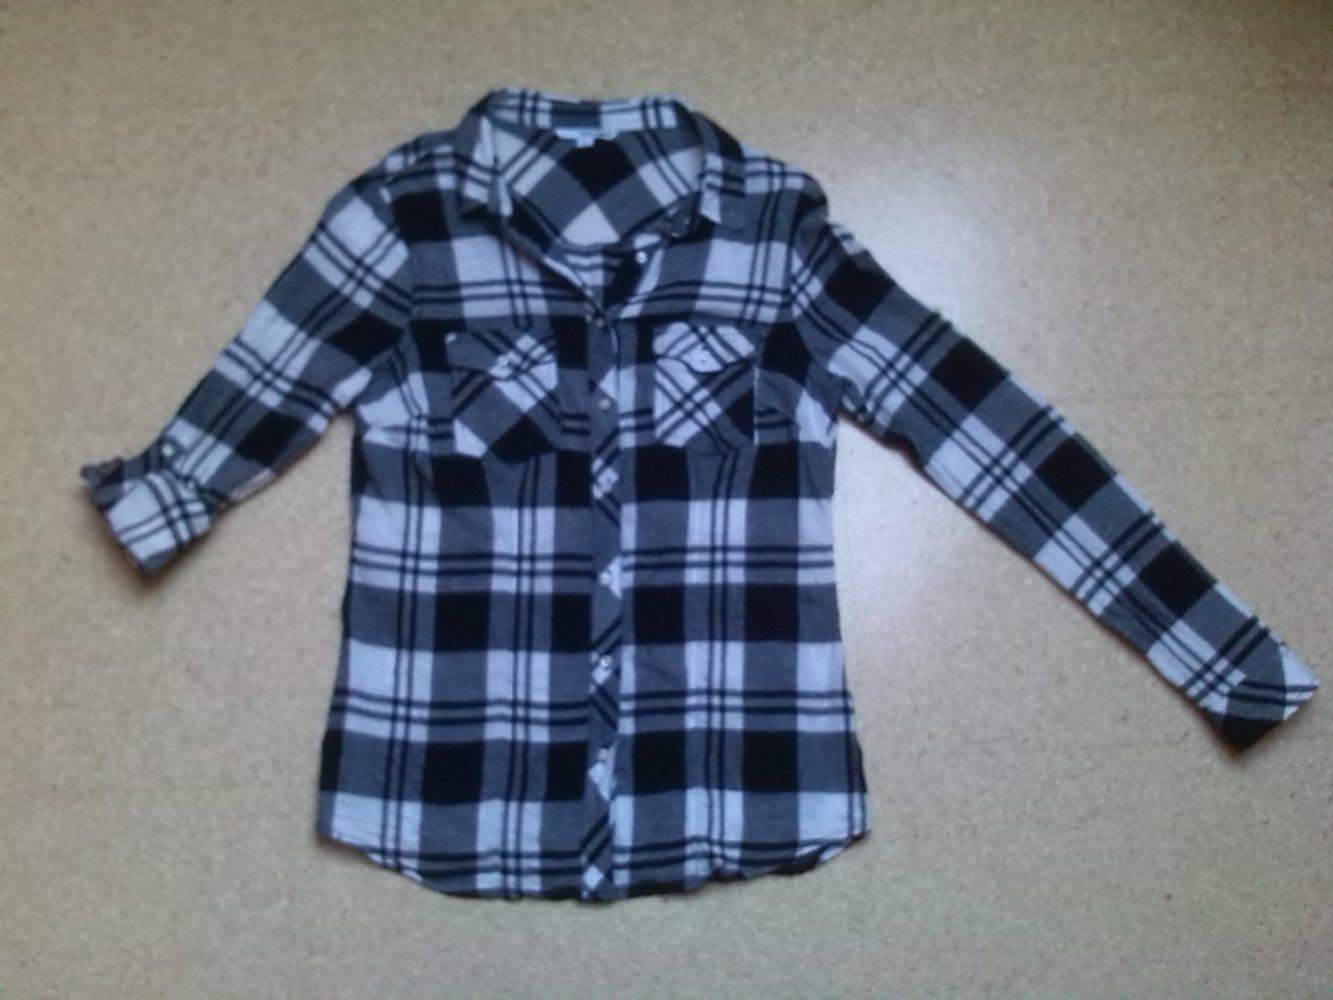 417019f88554 ... Damen Hemd Bluse schwarz weiß kariert Gr. 36 M Tally Weijl .